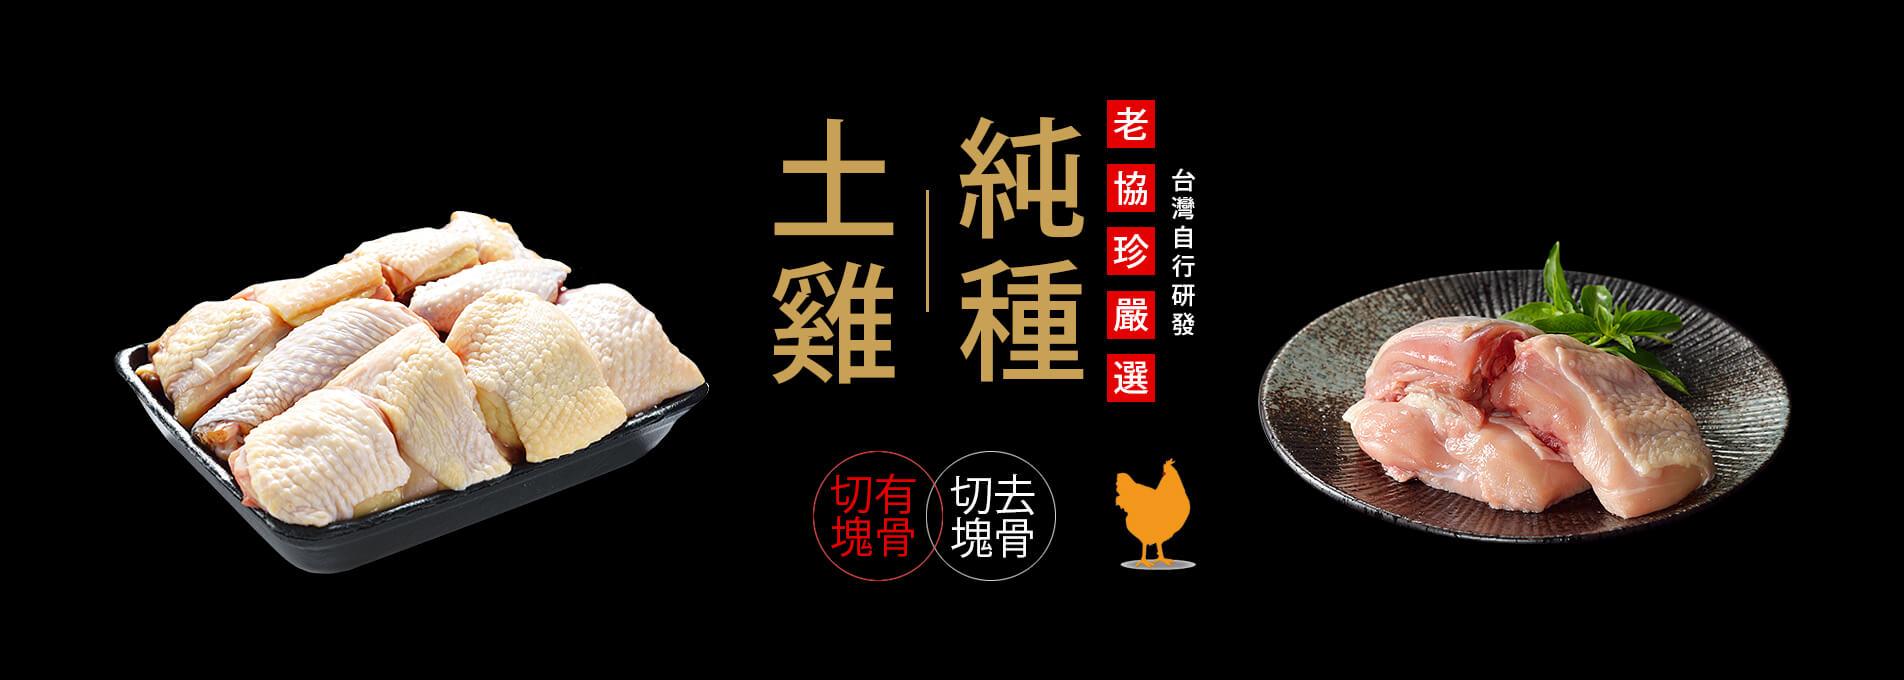 肉品 / 台灣土雞